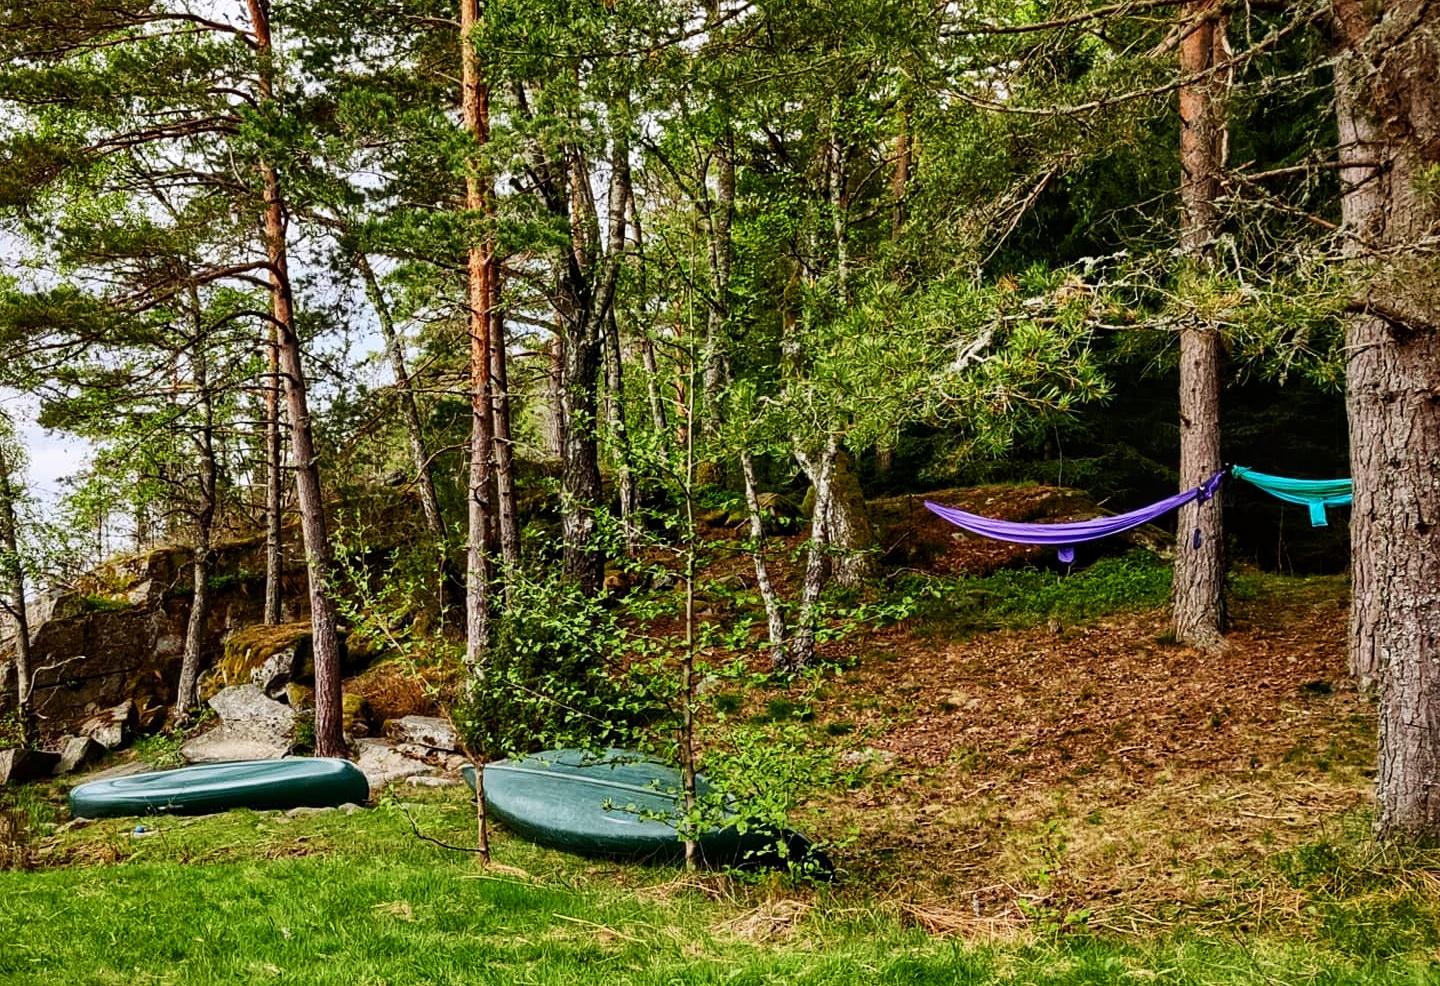 Canoe and hammock